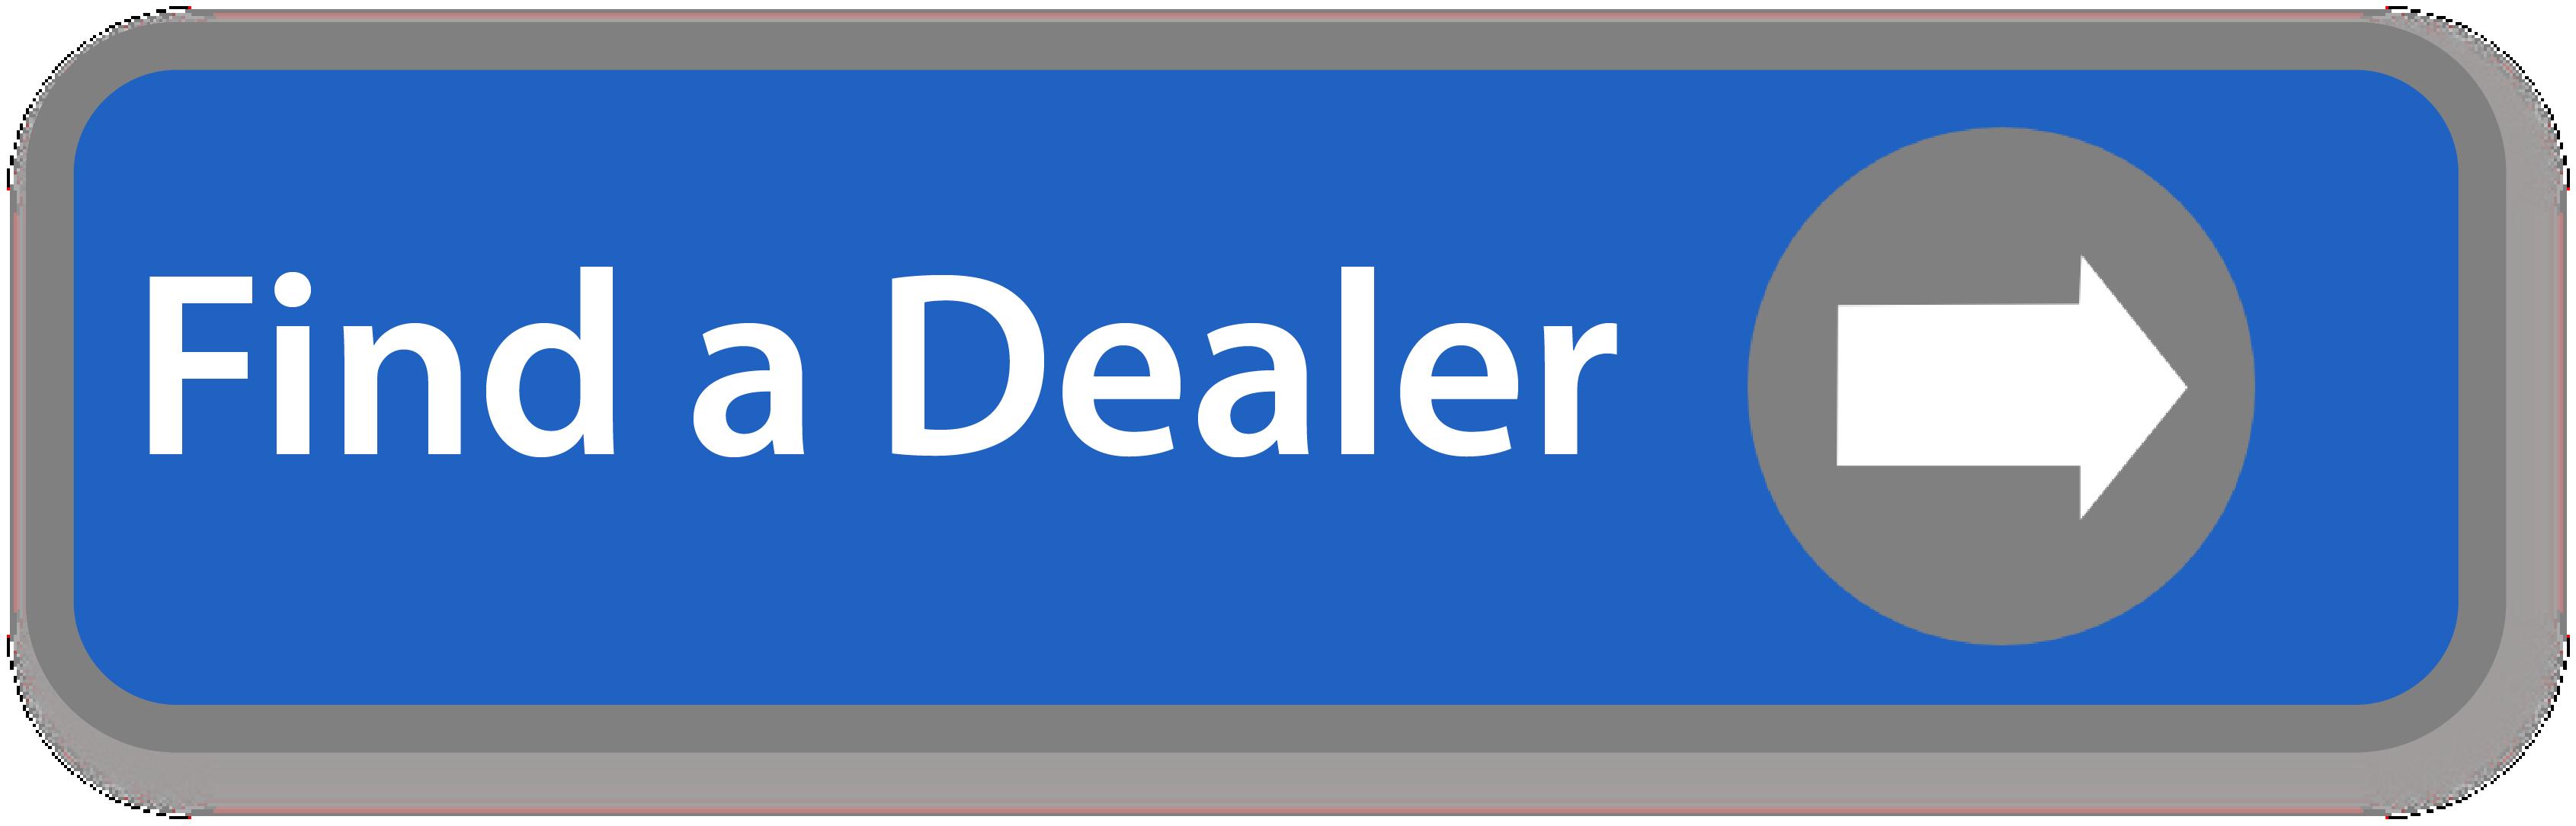 find-a-dealer-buttonnew.png